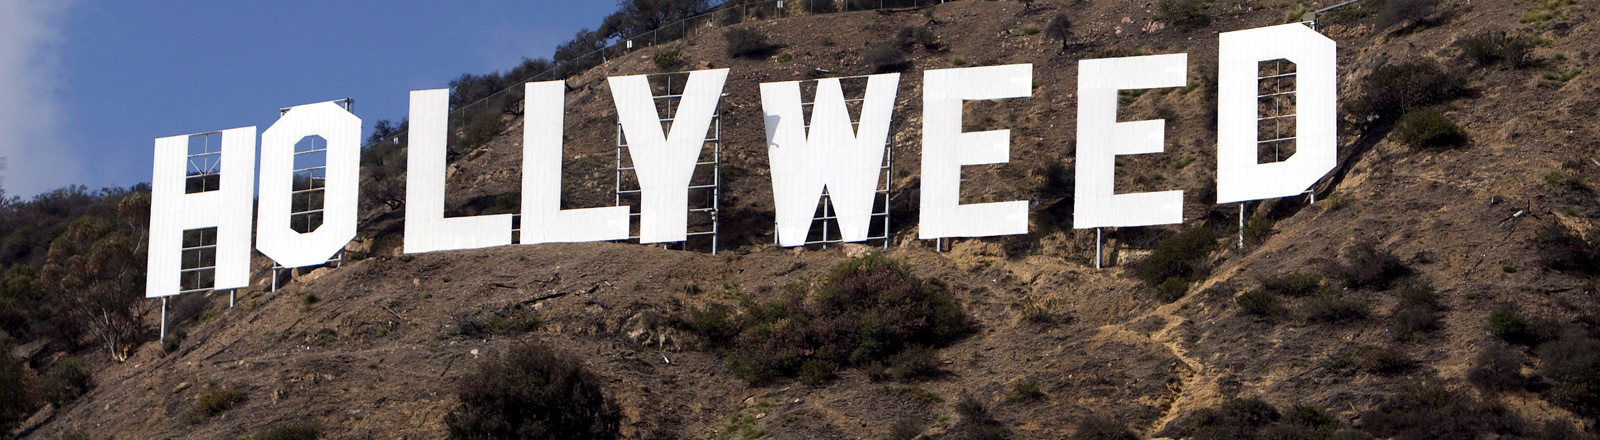 Der Schriftzug Hollywood wurde geändert in Hollyweed.